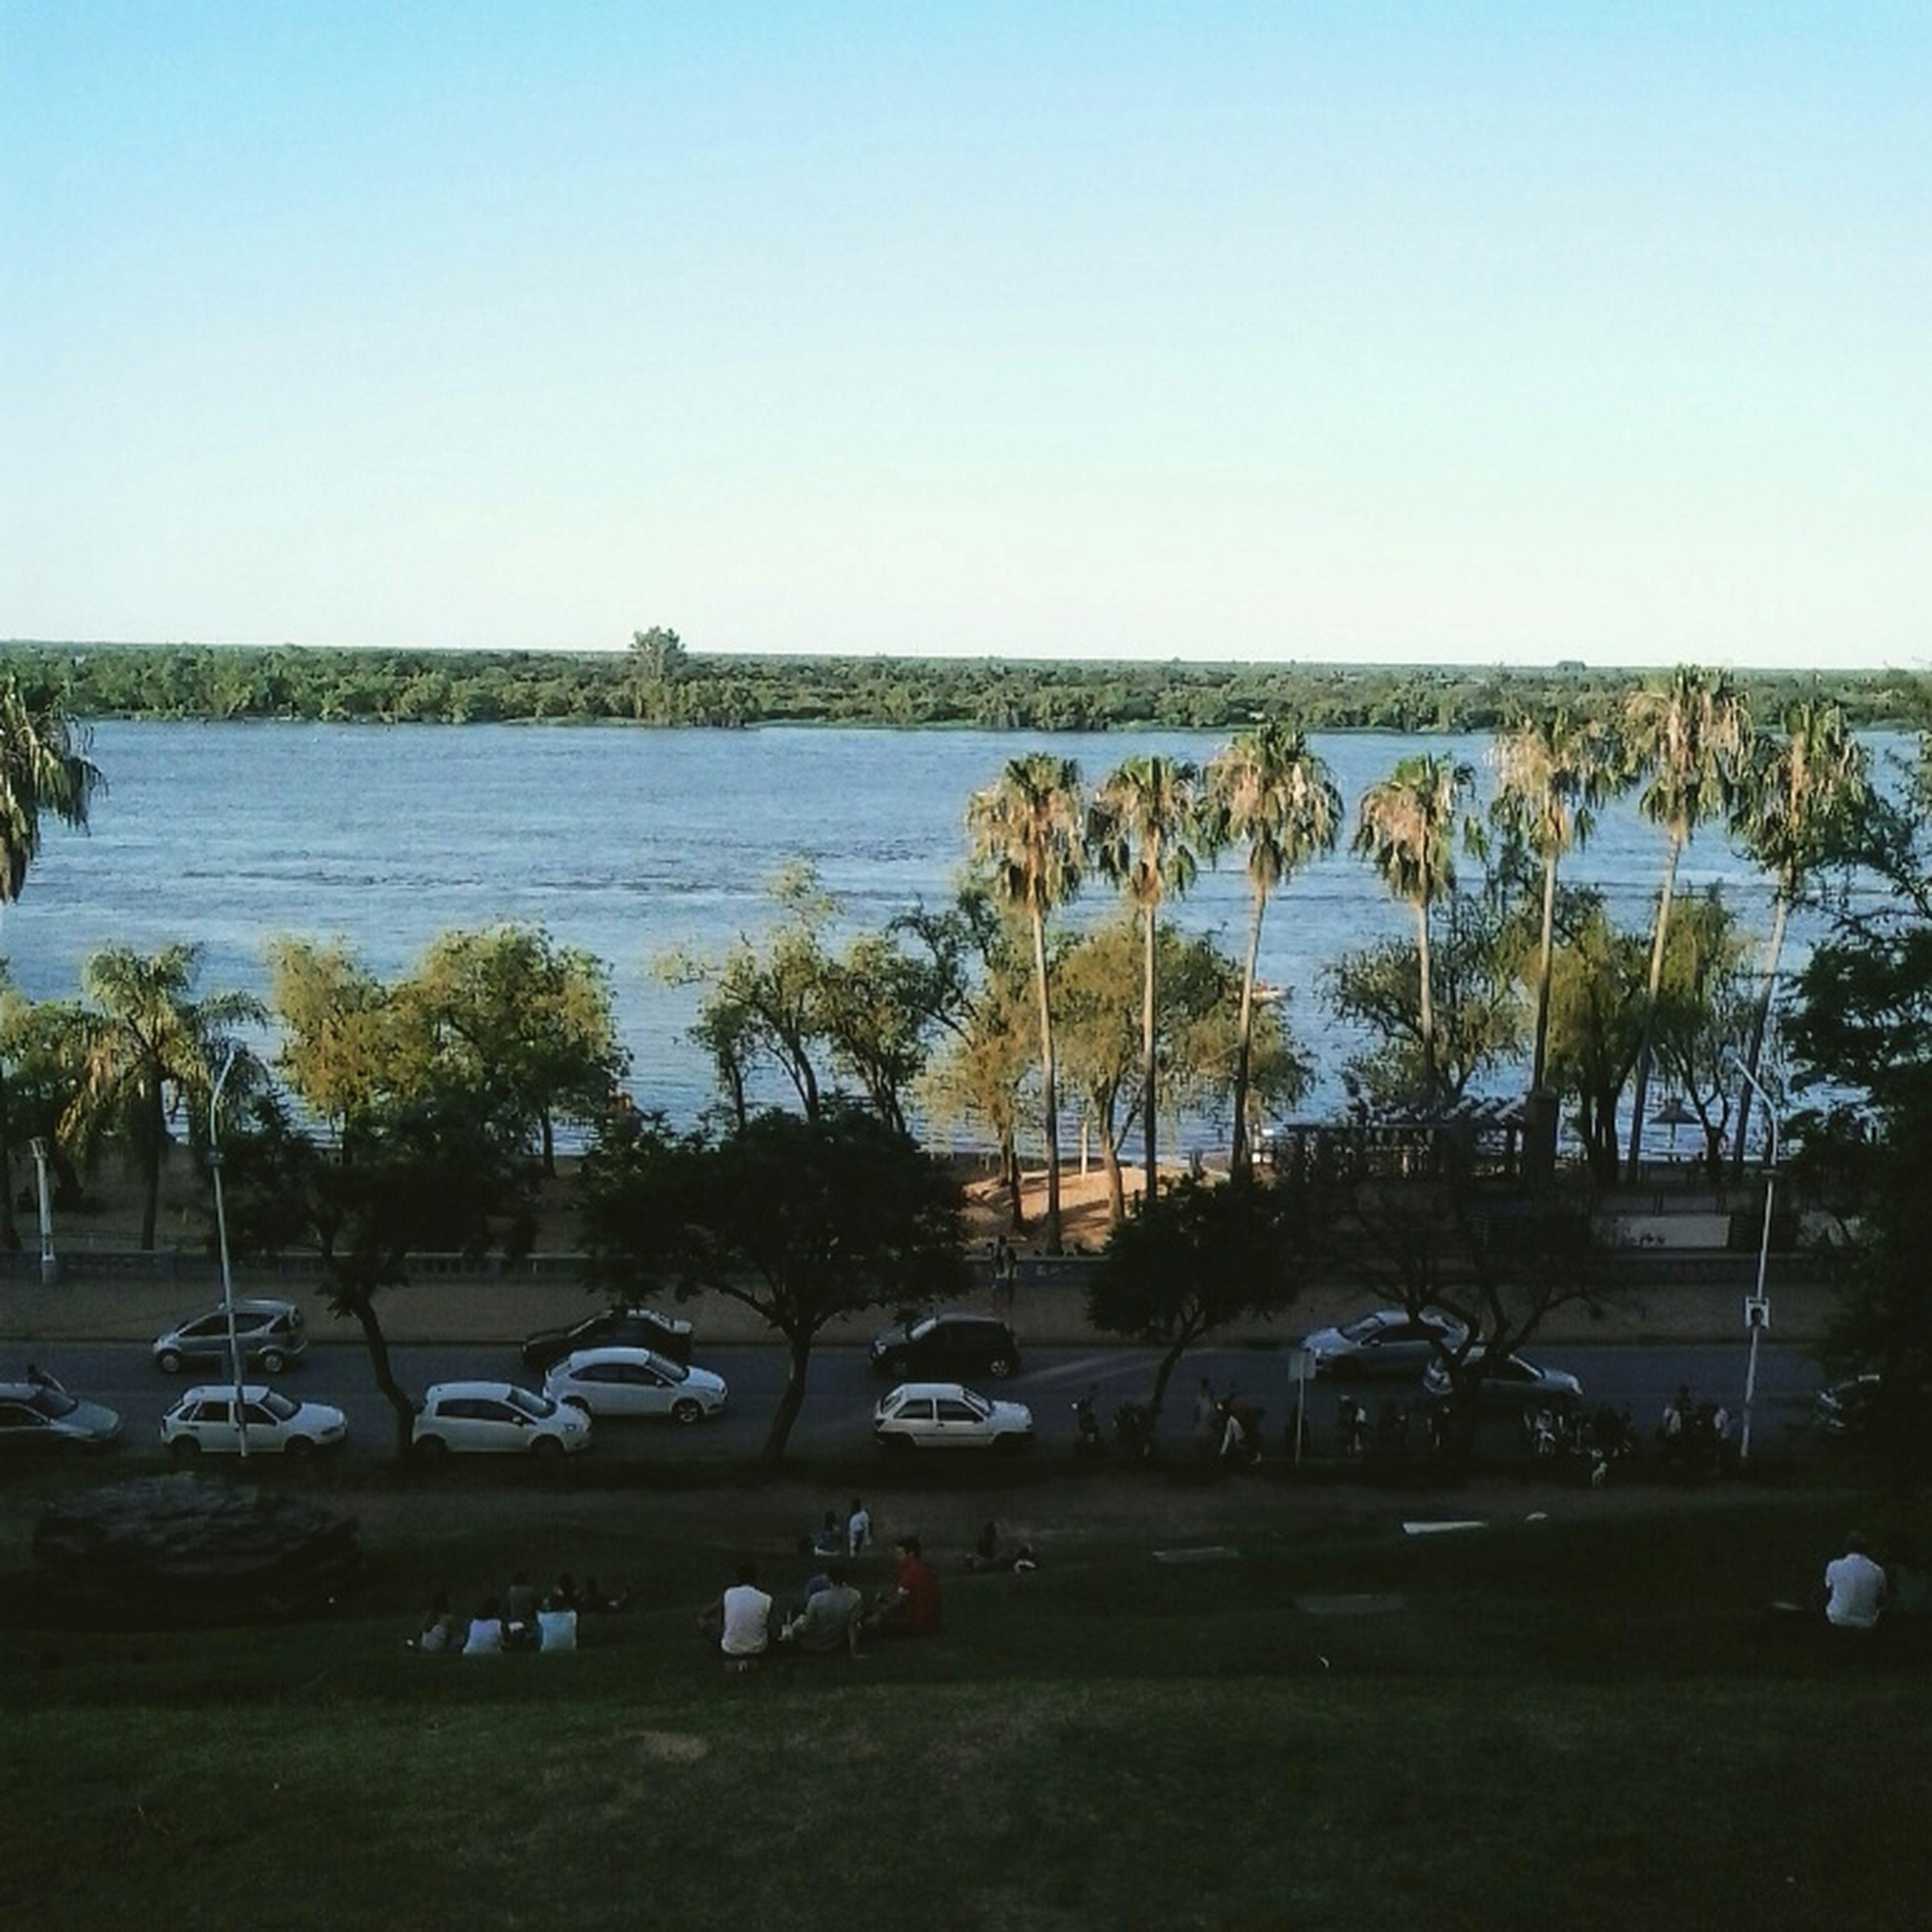 Linda vista!!! Paraná ParqueUrquiza LindaVista✌☺